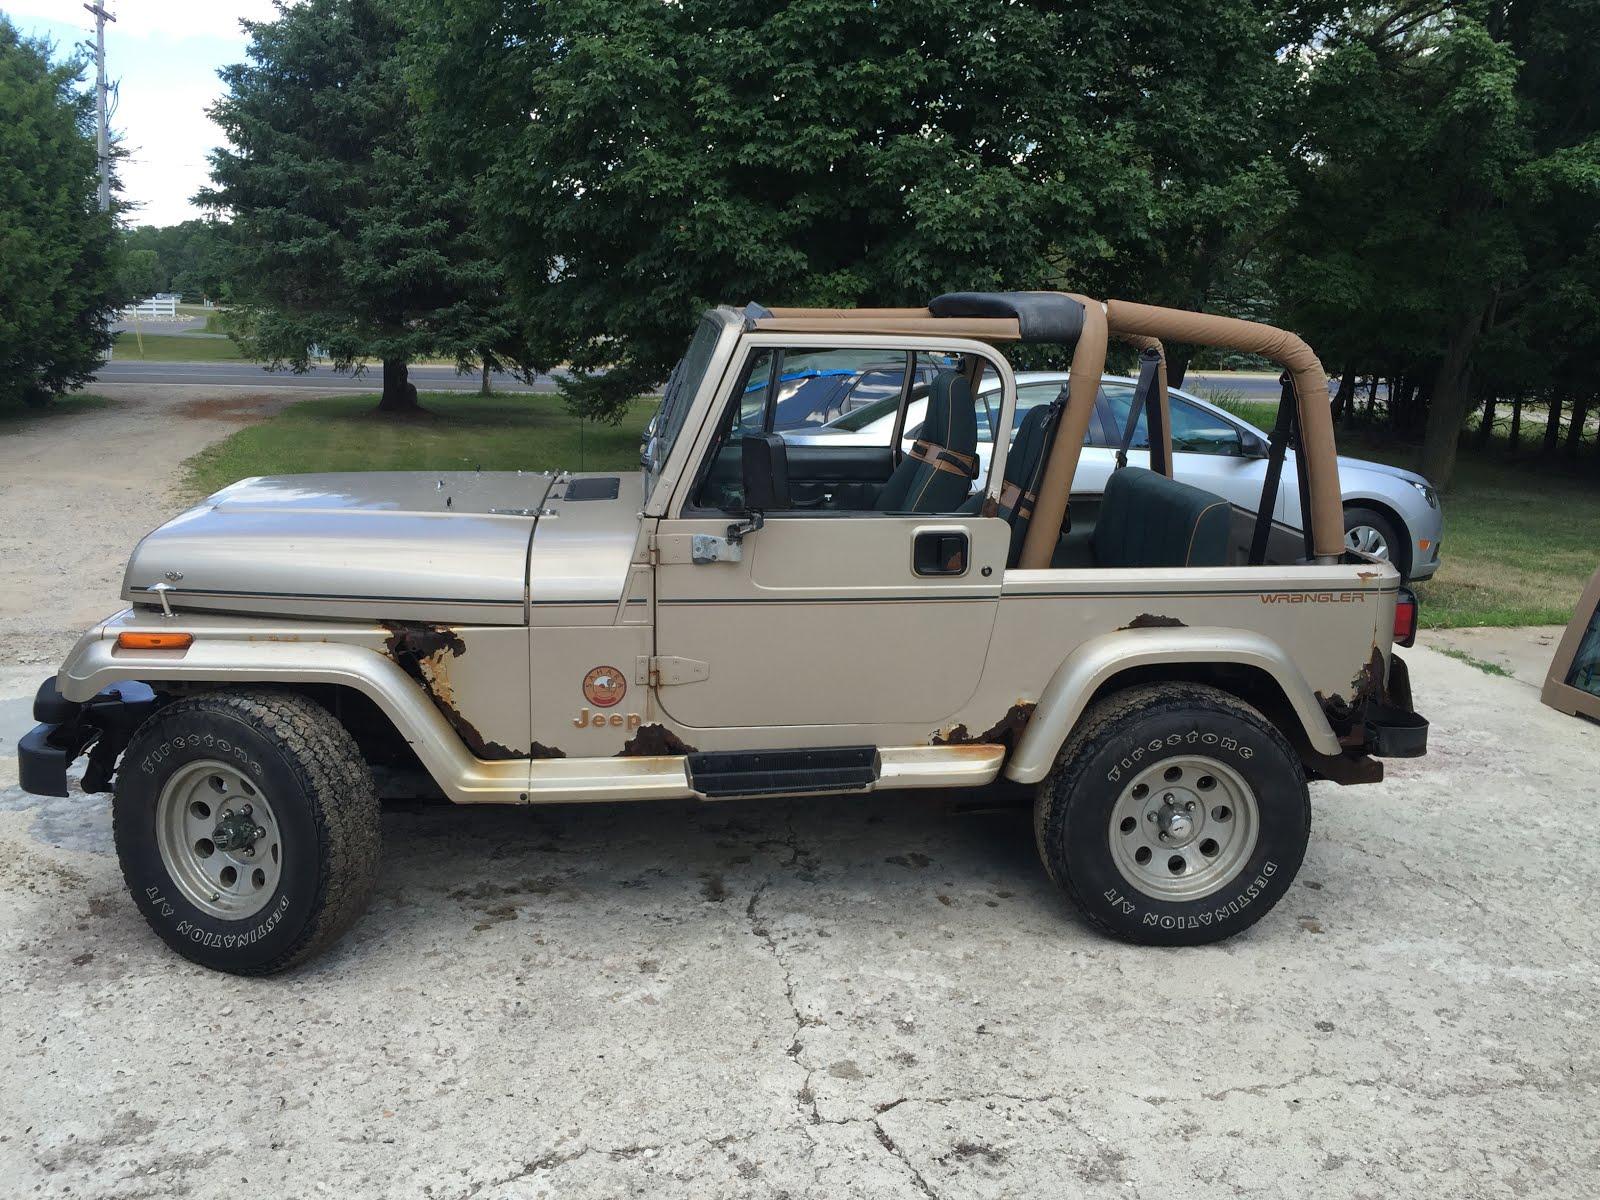 My view 94 jeep wrangler yj restoration 94 jeep wrangler yj restoration sciox Image collections